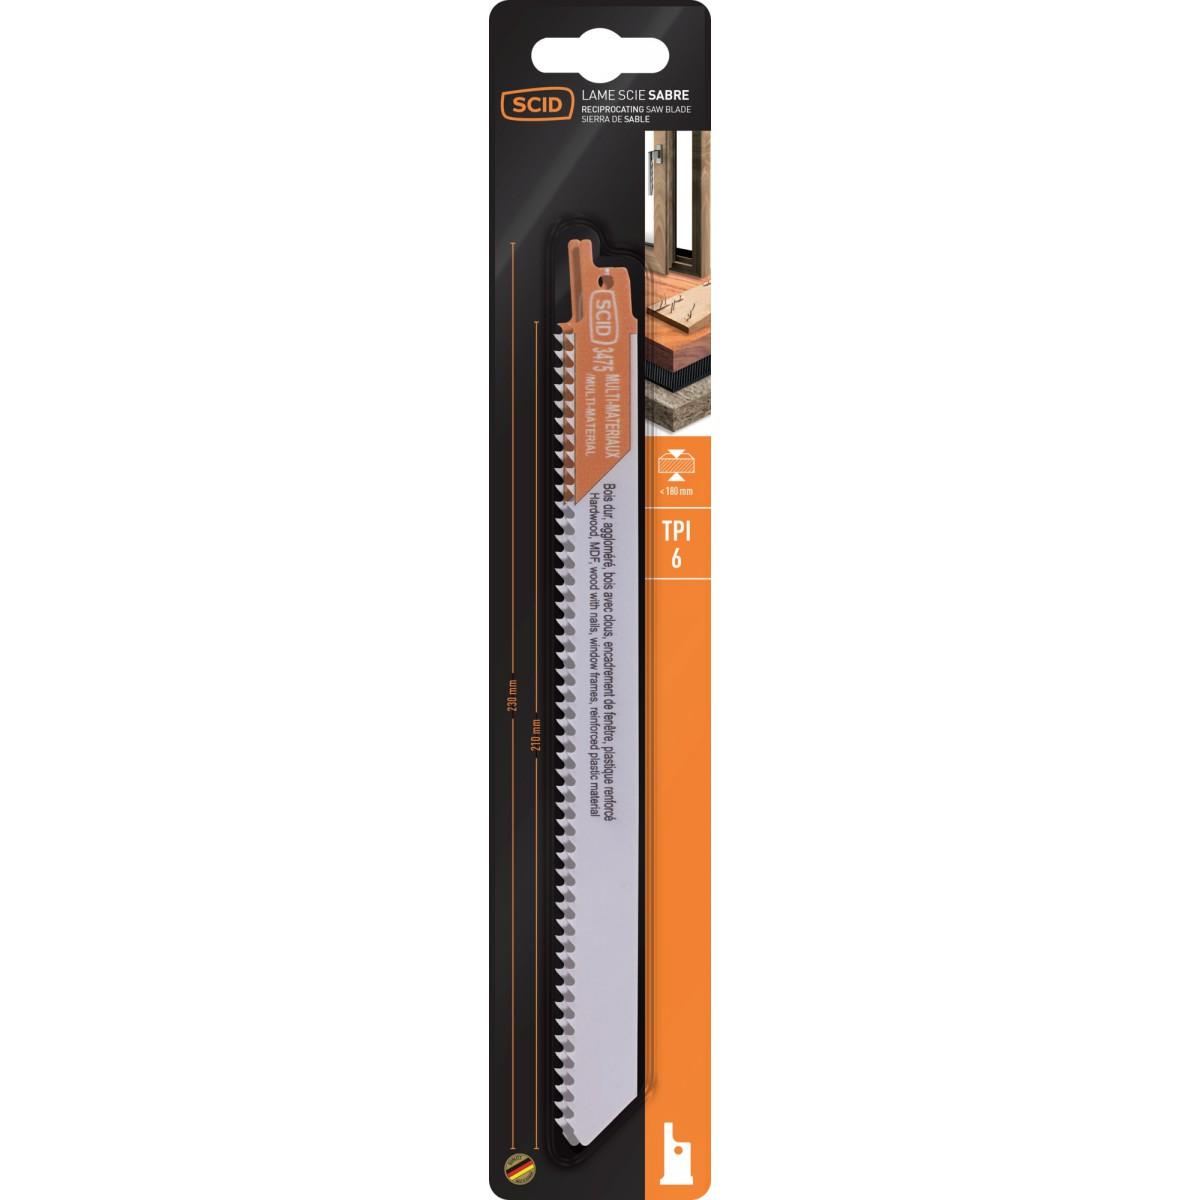 Lame de scie sabre bi-métal bois et plastique SCID - Longueur 230 mm - Vendu par 2